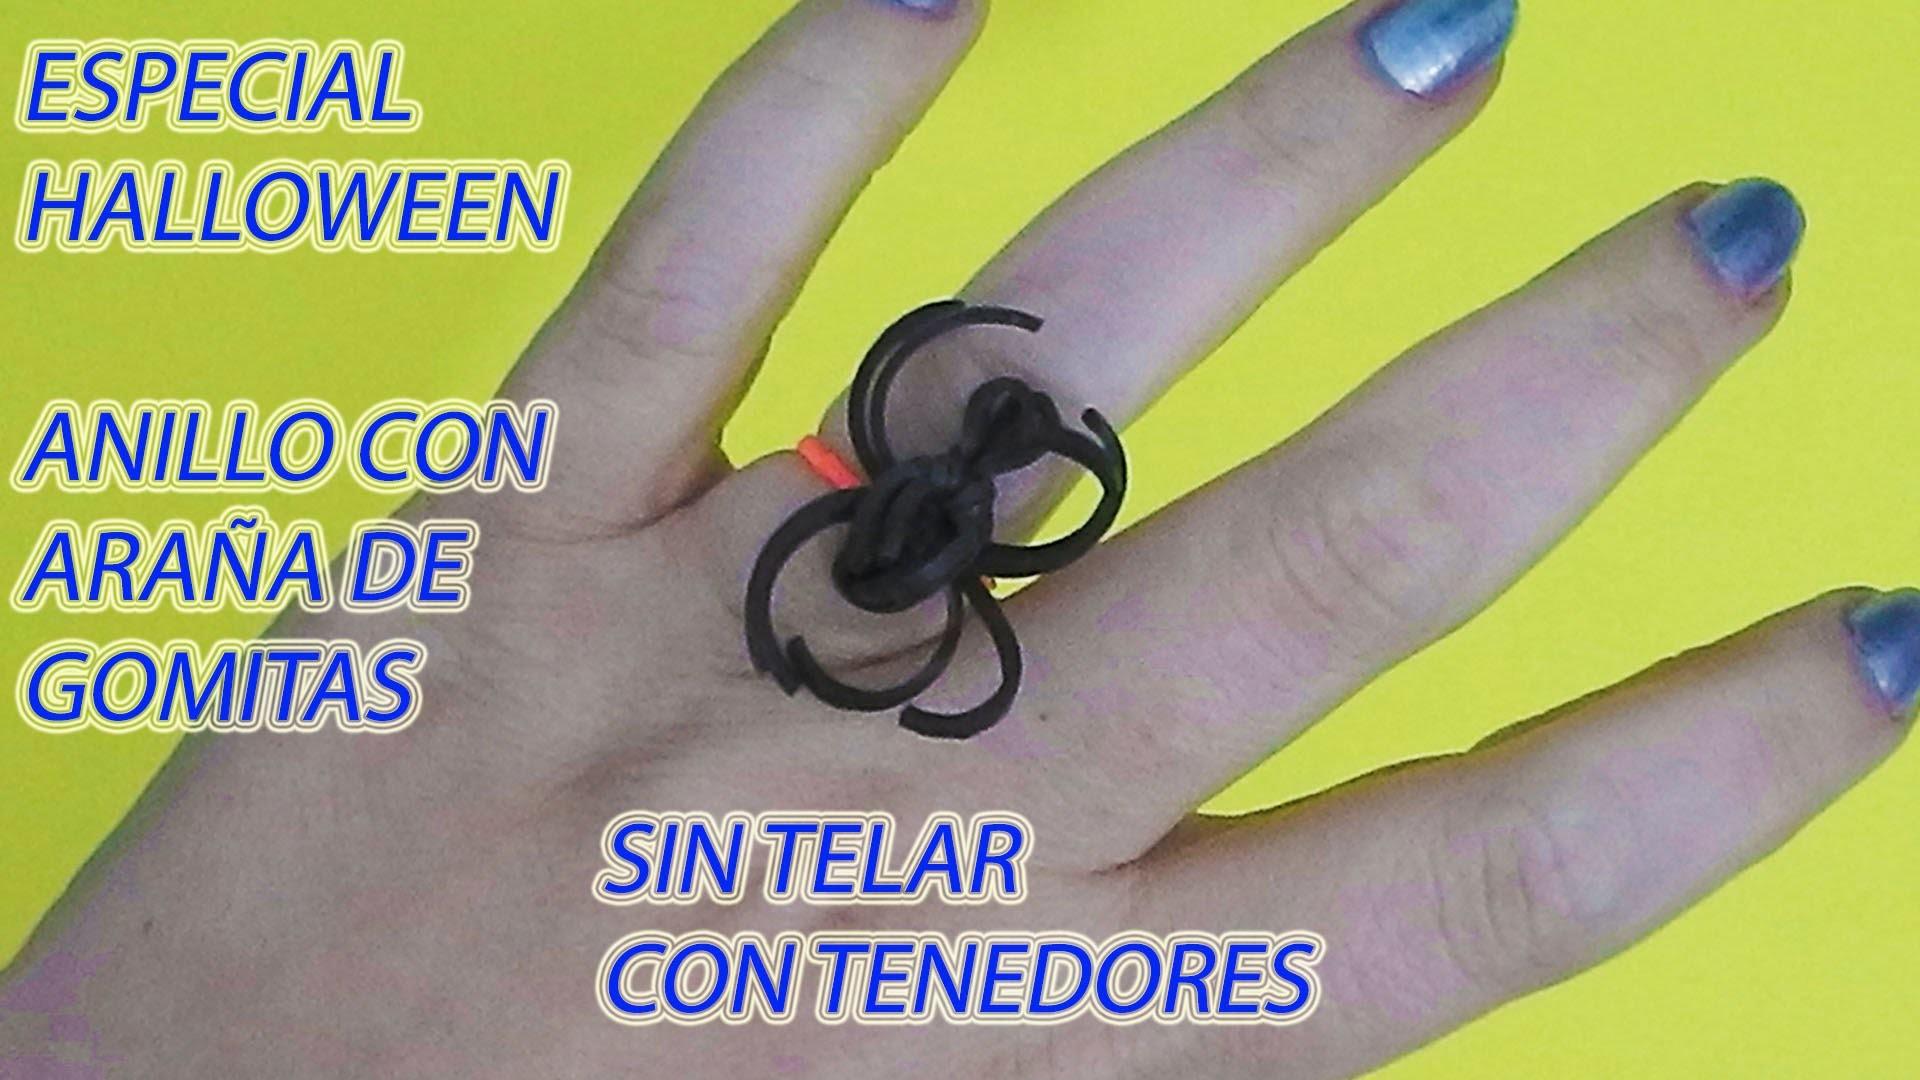 Como hacer un anillo con una araña de gomitas con tenedores, sin telar manualidades para Halloween